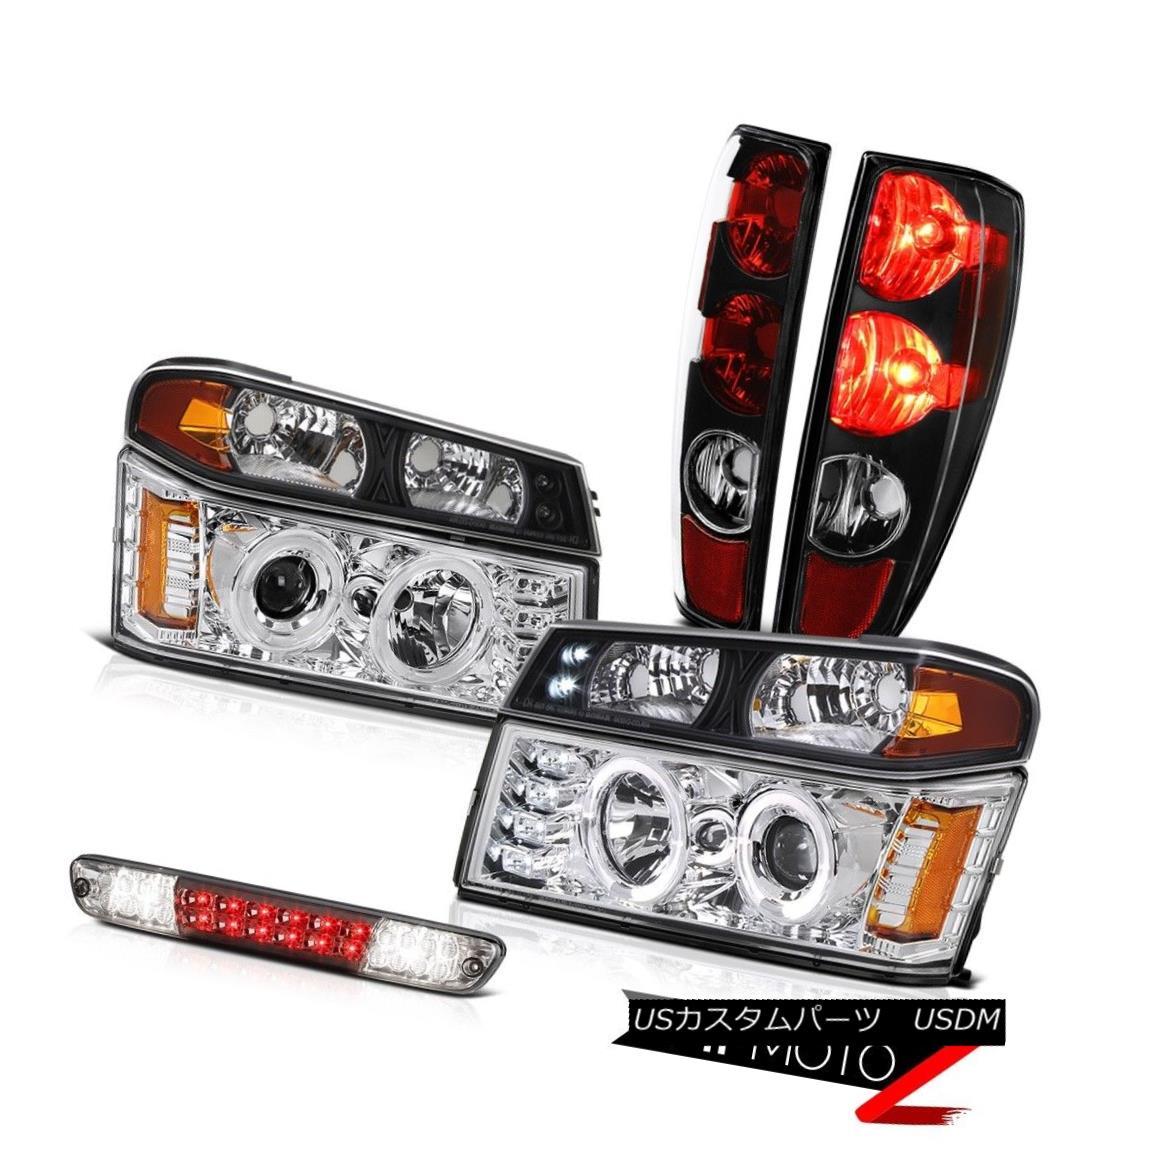 テールライト 04-08 09-12 GMC Canyon Tail Lights Parking Phantom Smoke Third Brake Head LH+RH 04-08 09-12 GMCキャニオンテールライト駐車場ファントムスモーク第3ブレーキヘッドLH + RH